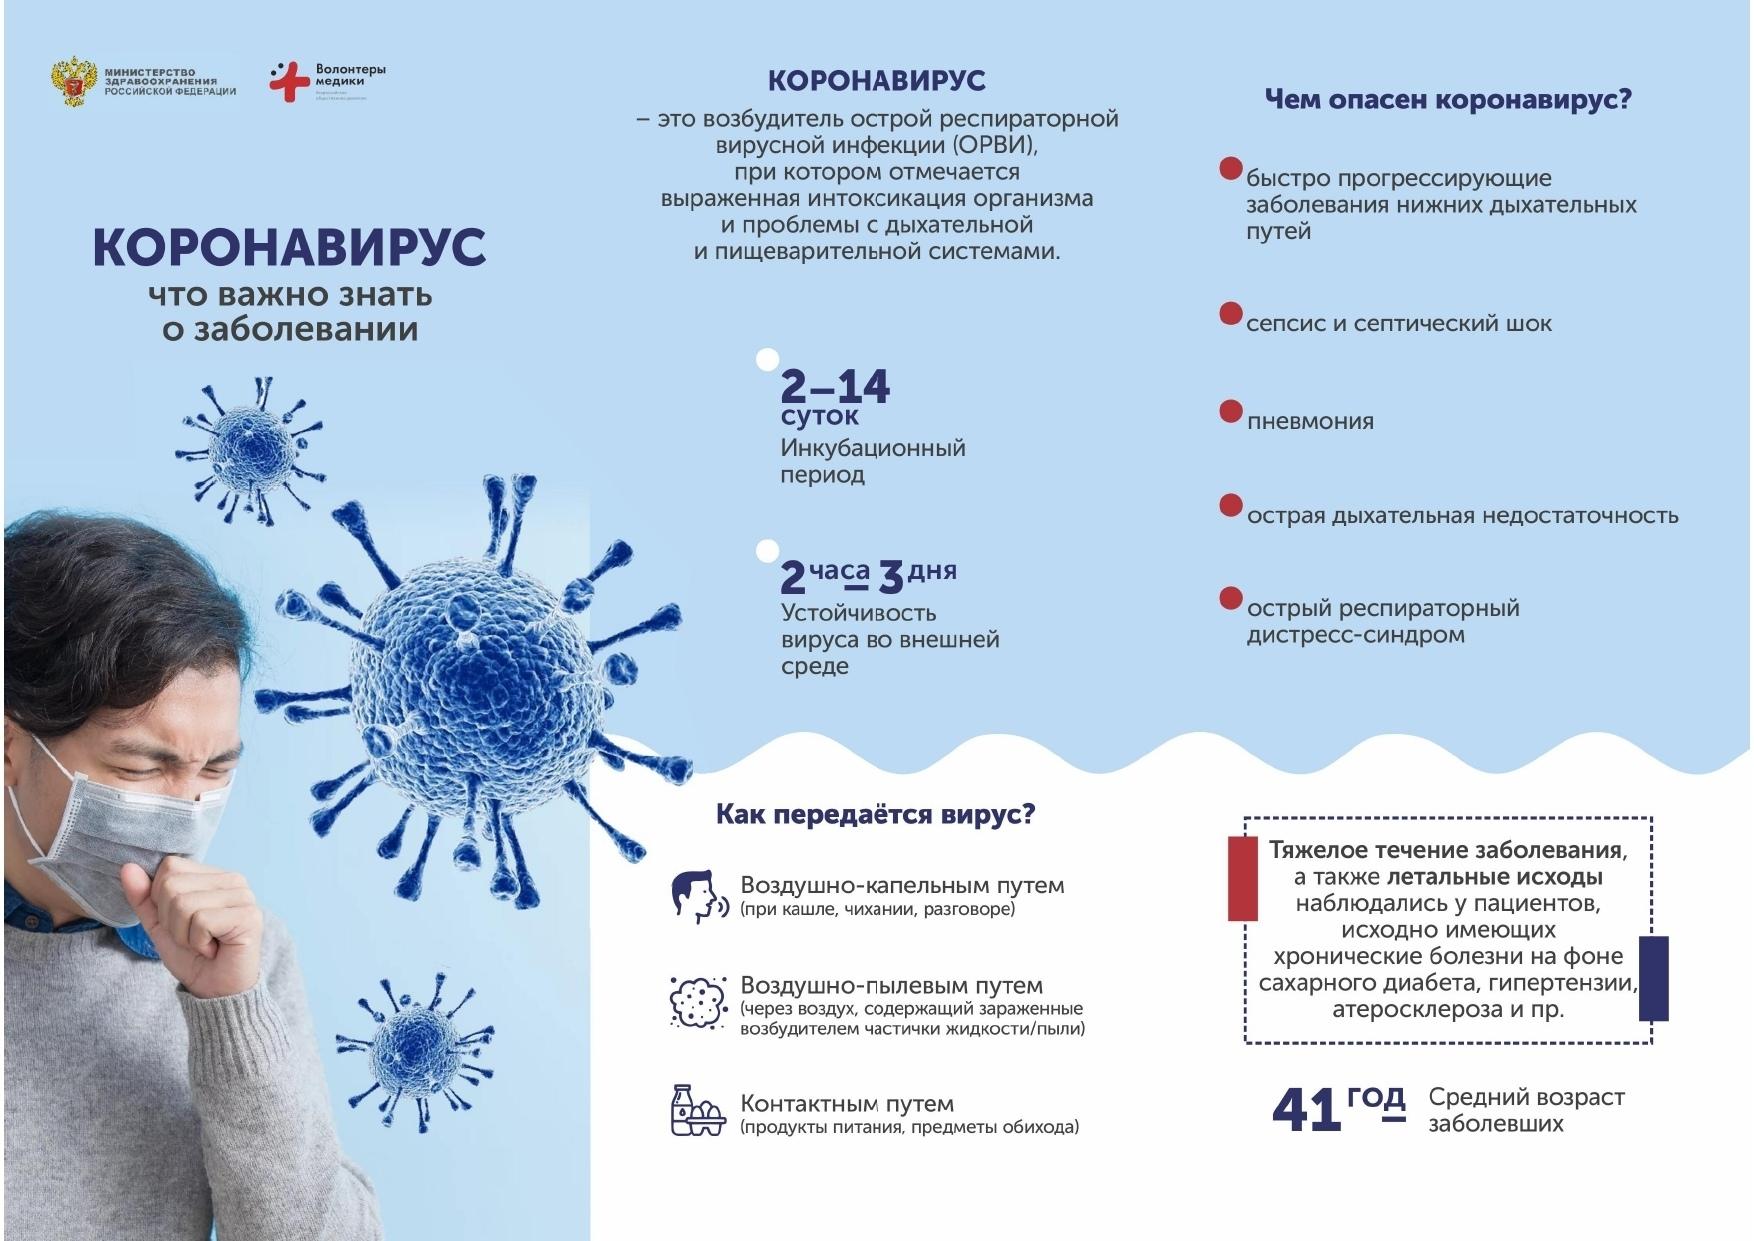 Бессимптомное течение коронавируса: как определить признаки? | коронавирус сегодня